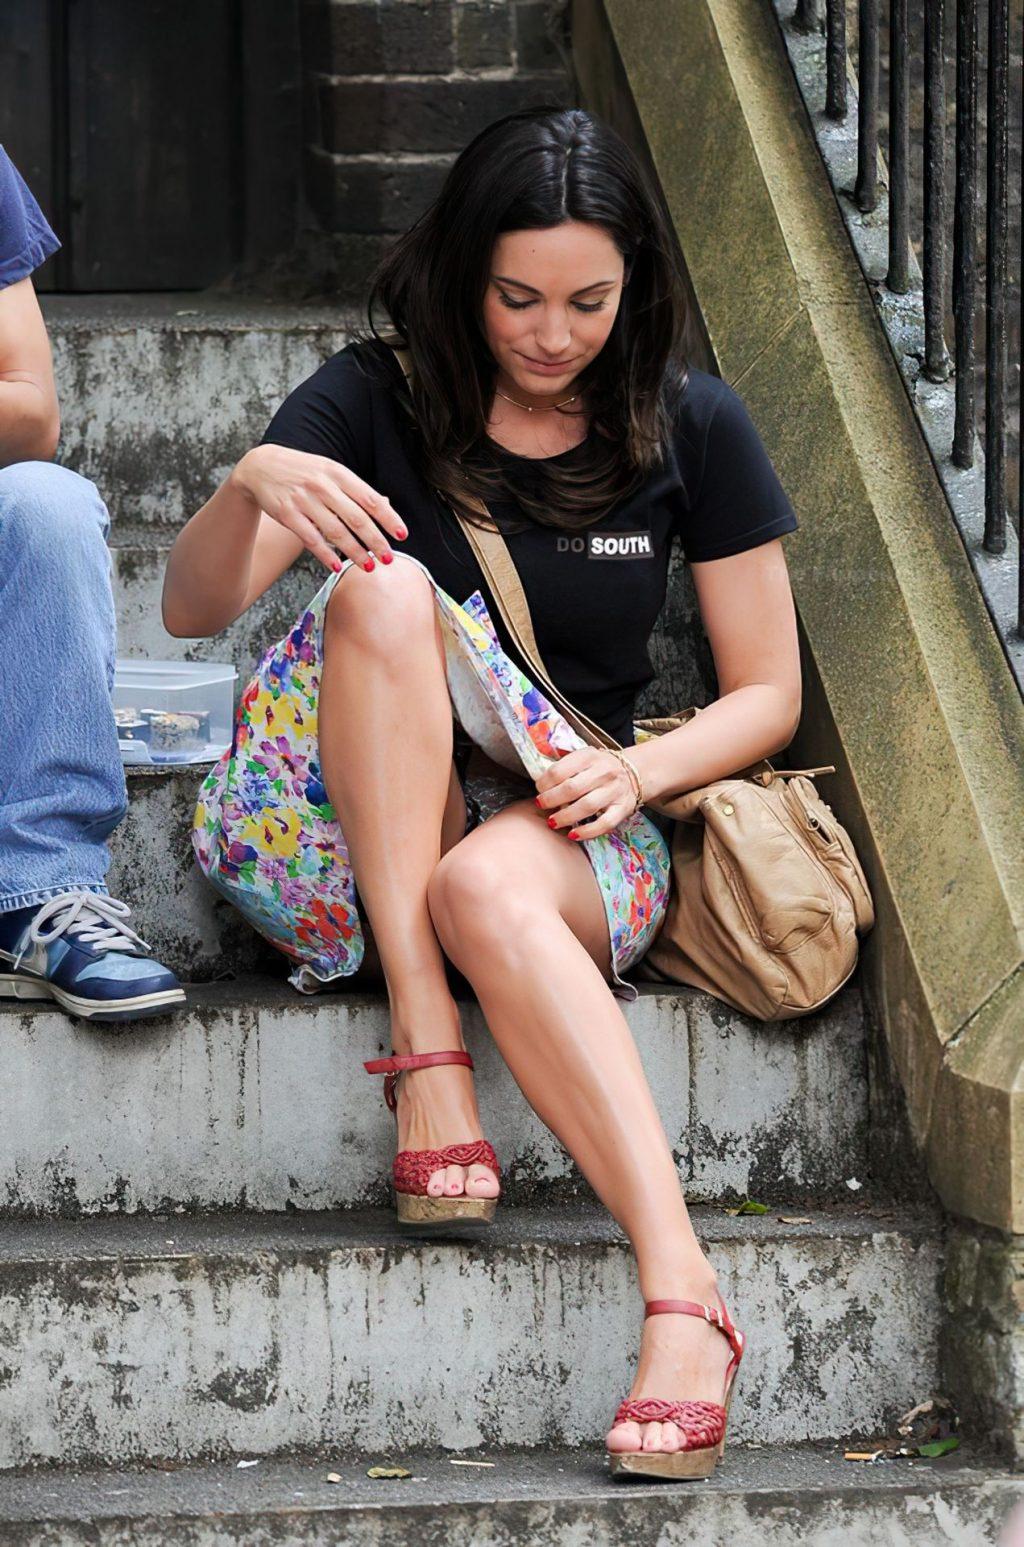 Келли Брук под юбкой - #TheFappening